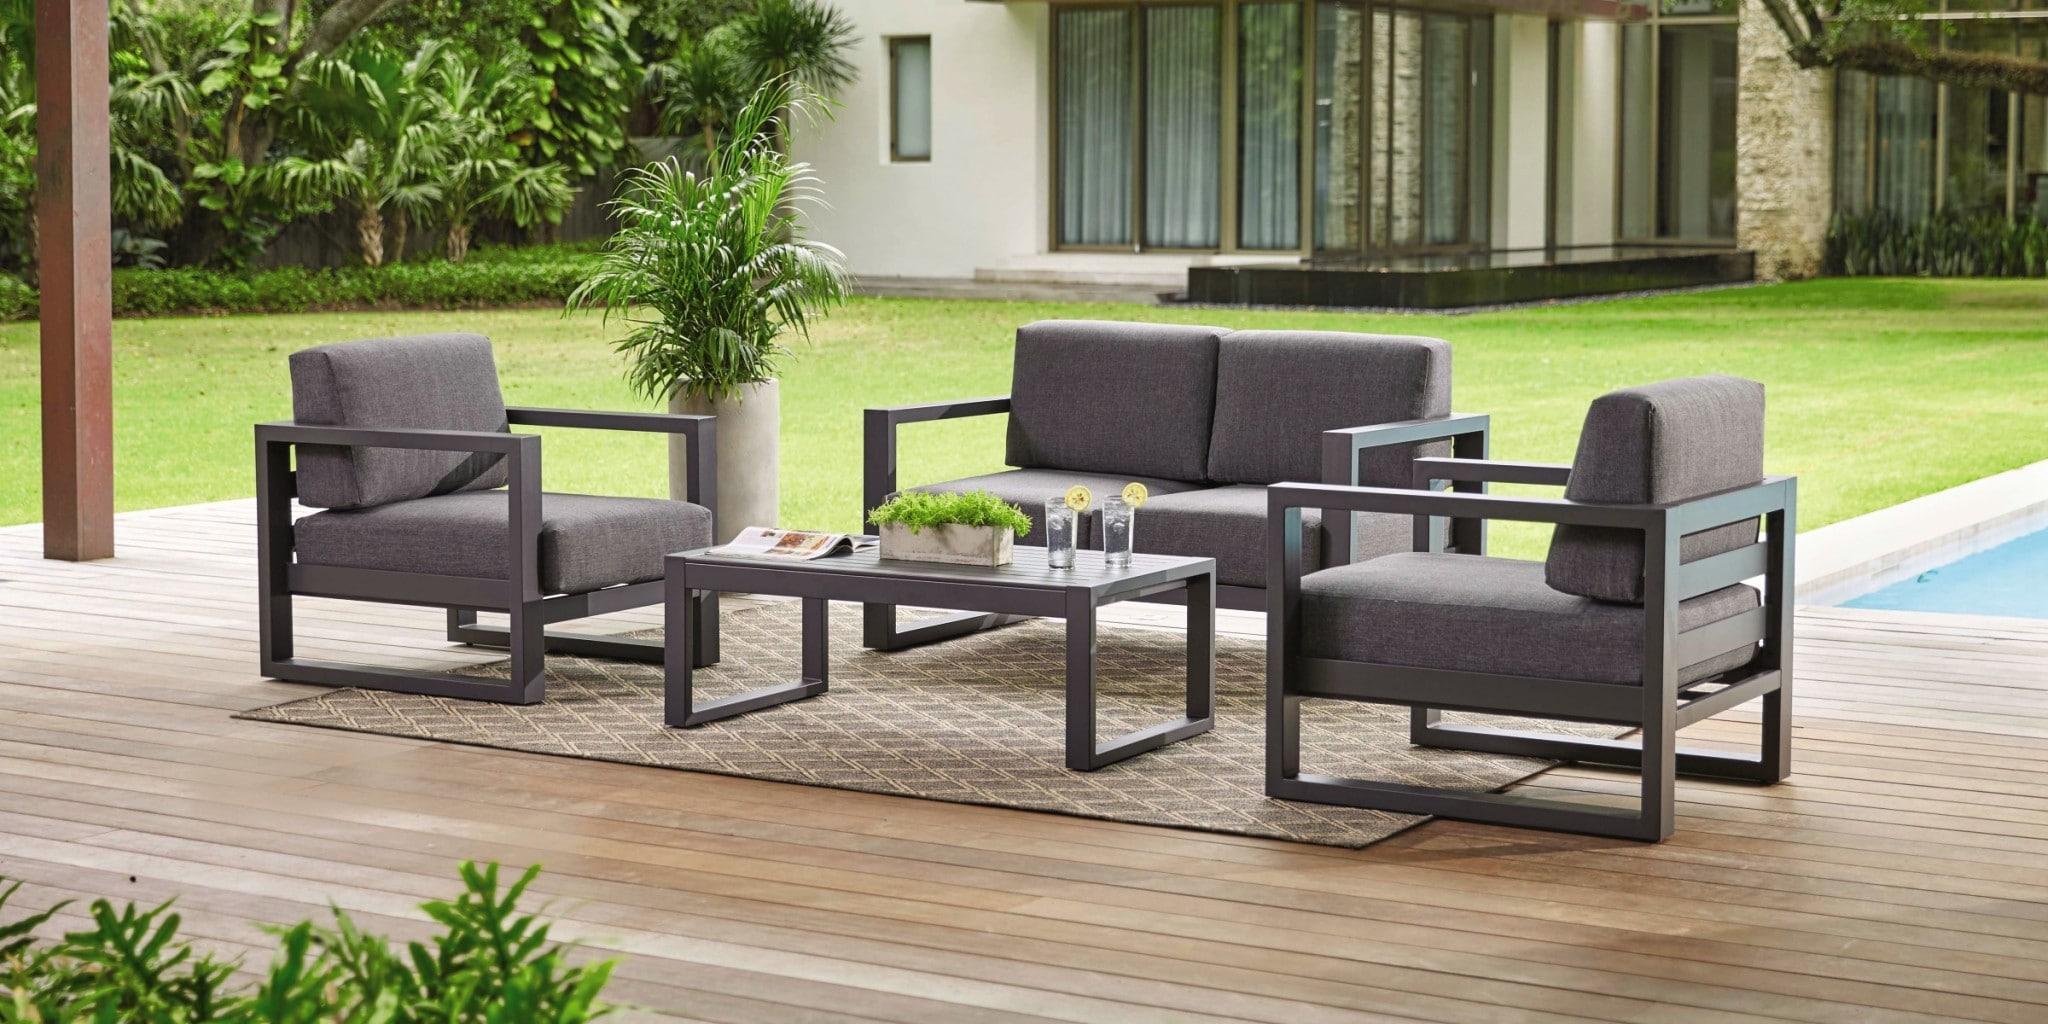 Les mobiliers tendance pour l'espace extérieur